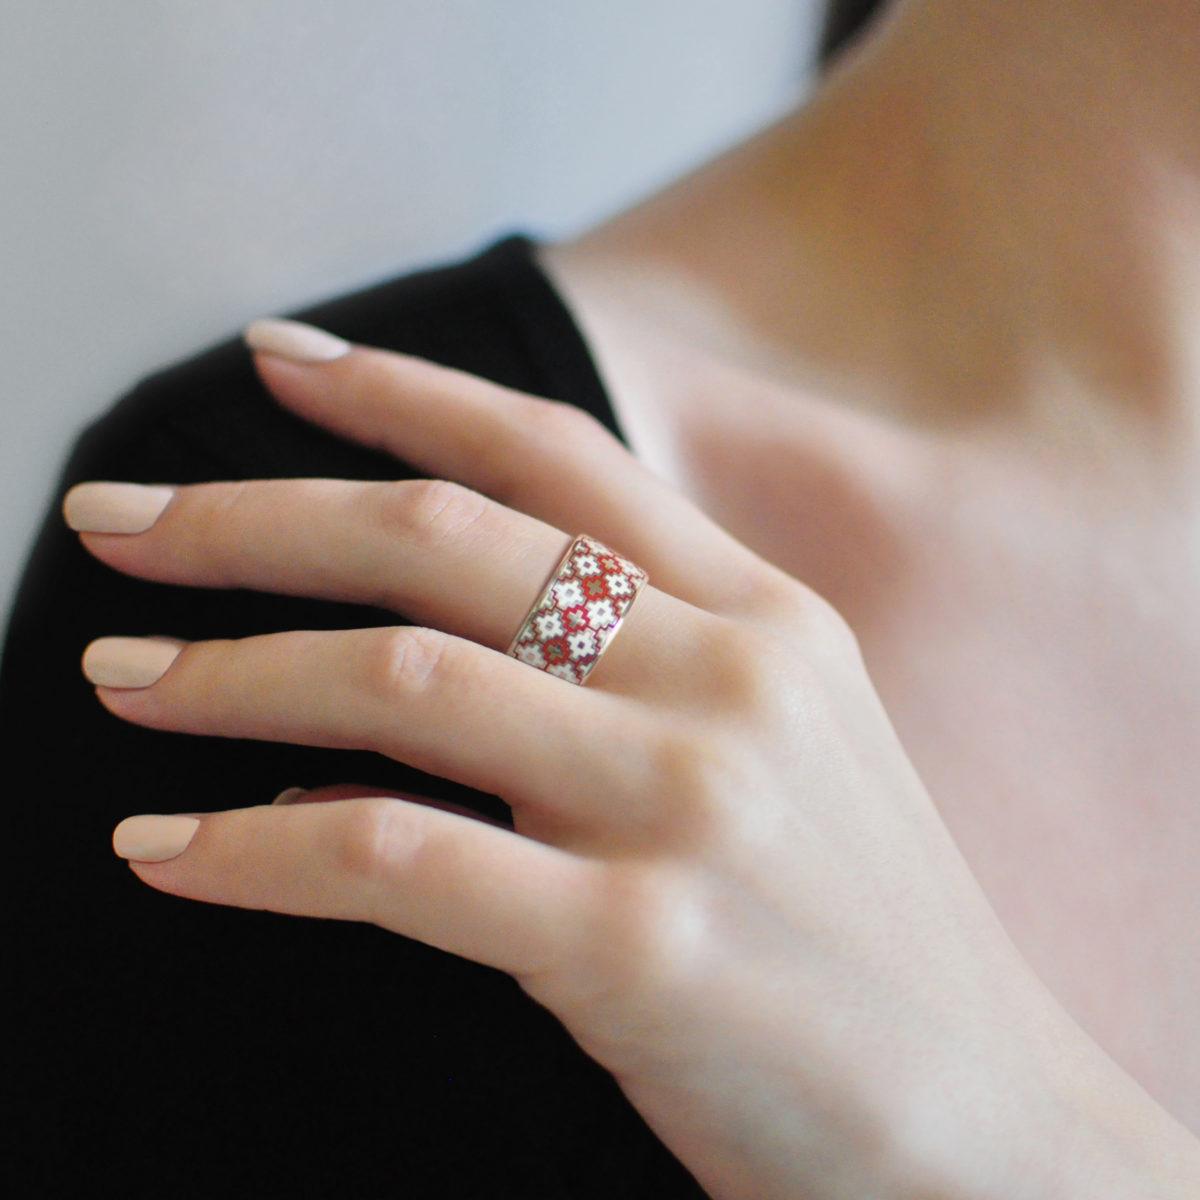 Serebro krasnaya 3 1200x1200 - Кольцо «Мережка», красное